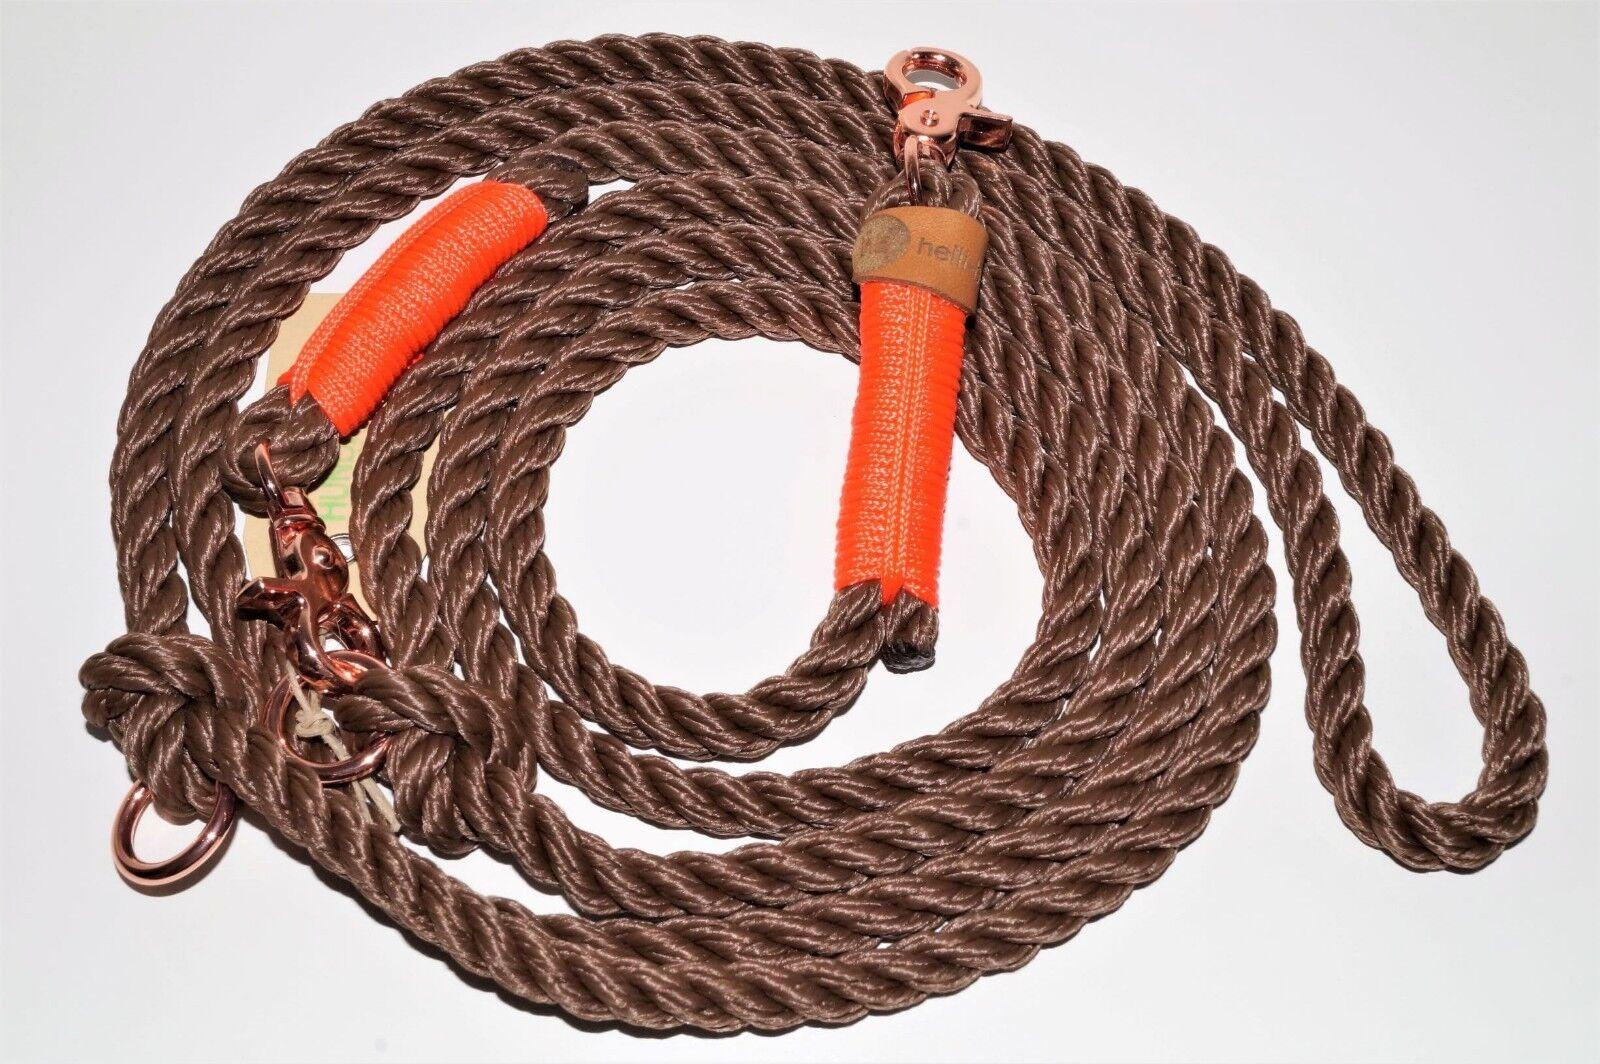 Hundeleine Tau 250cm braun Orange RosaGold    | Spielzeugwelt, spielen Sie Ihre eigene Welt  3df452